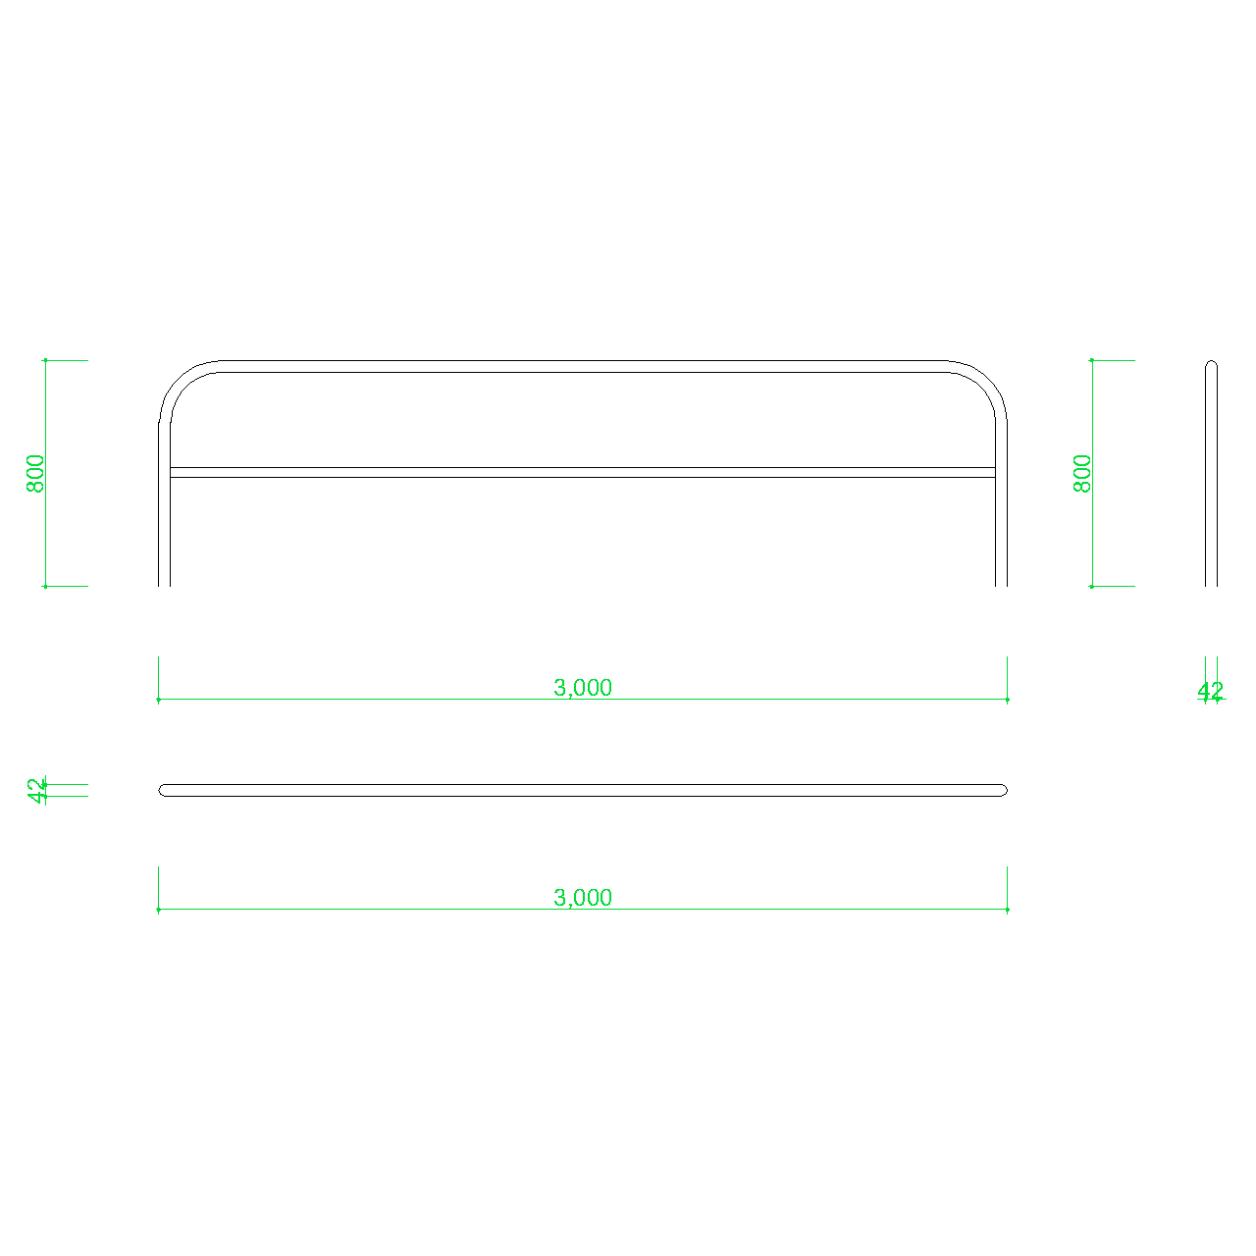 ガードパイプ(3m)の2DCAD部品,無料,商用可能,フリー素材,フリーデータ,AUTOCAD,DWG,DXF,道路,road,車両用防護柵,ガードフェンス,guard pipe,fence